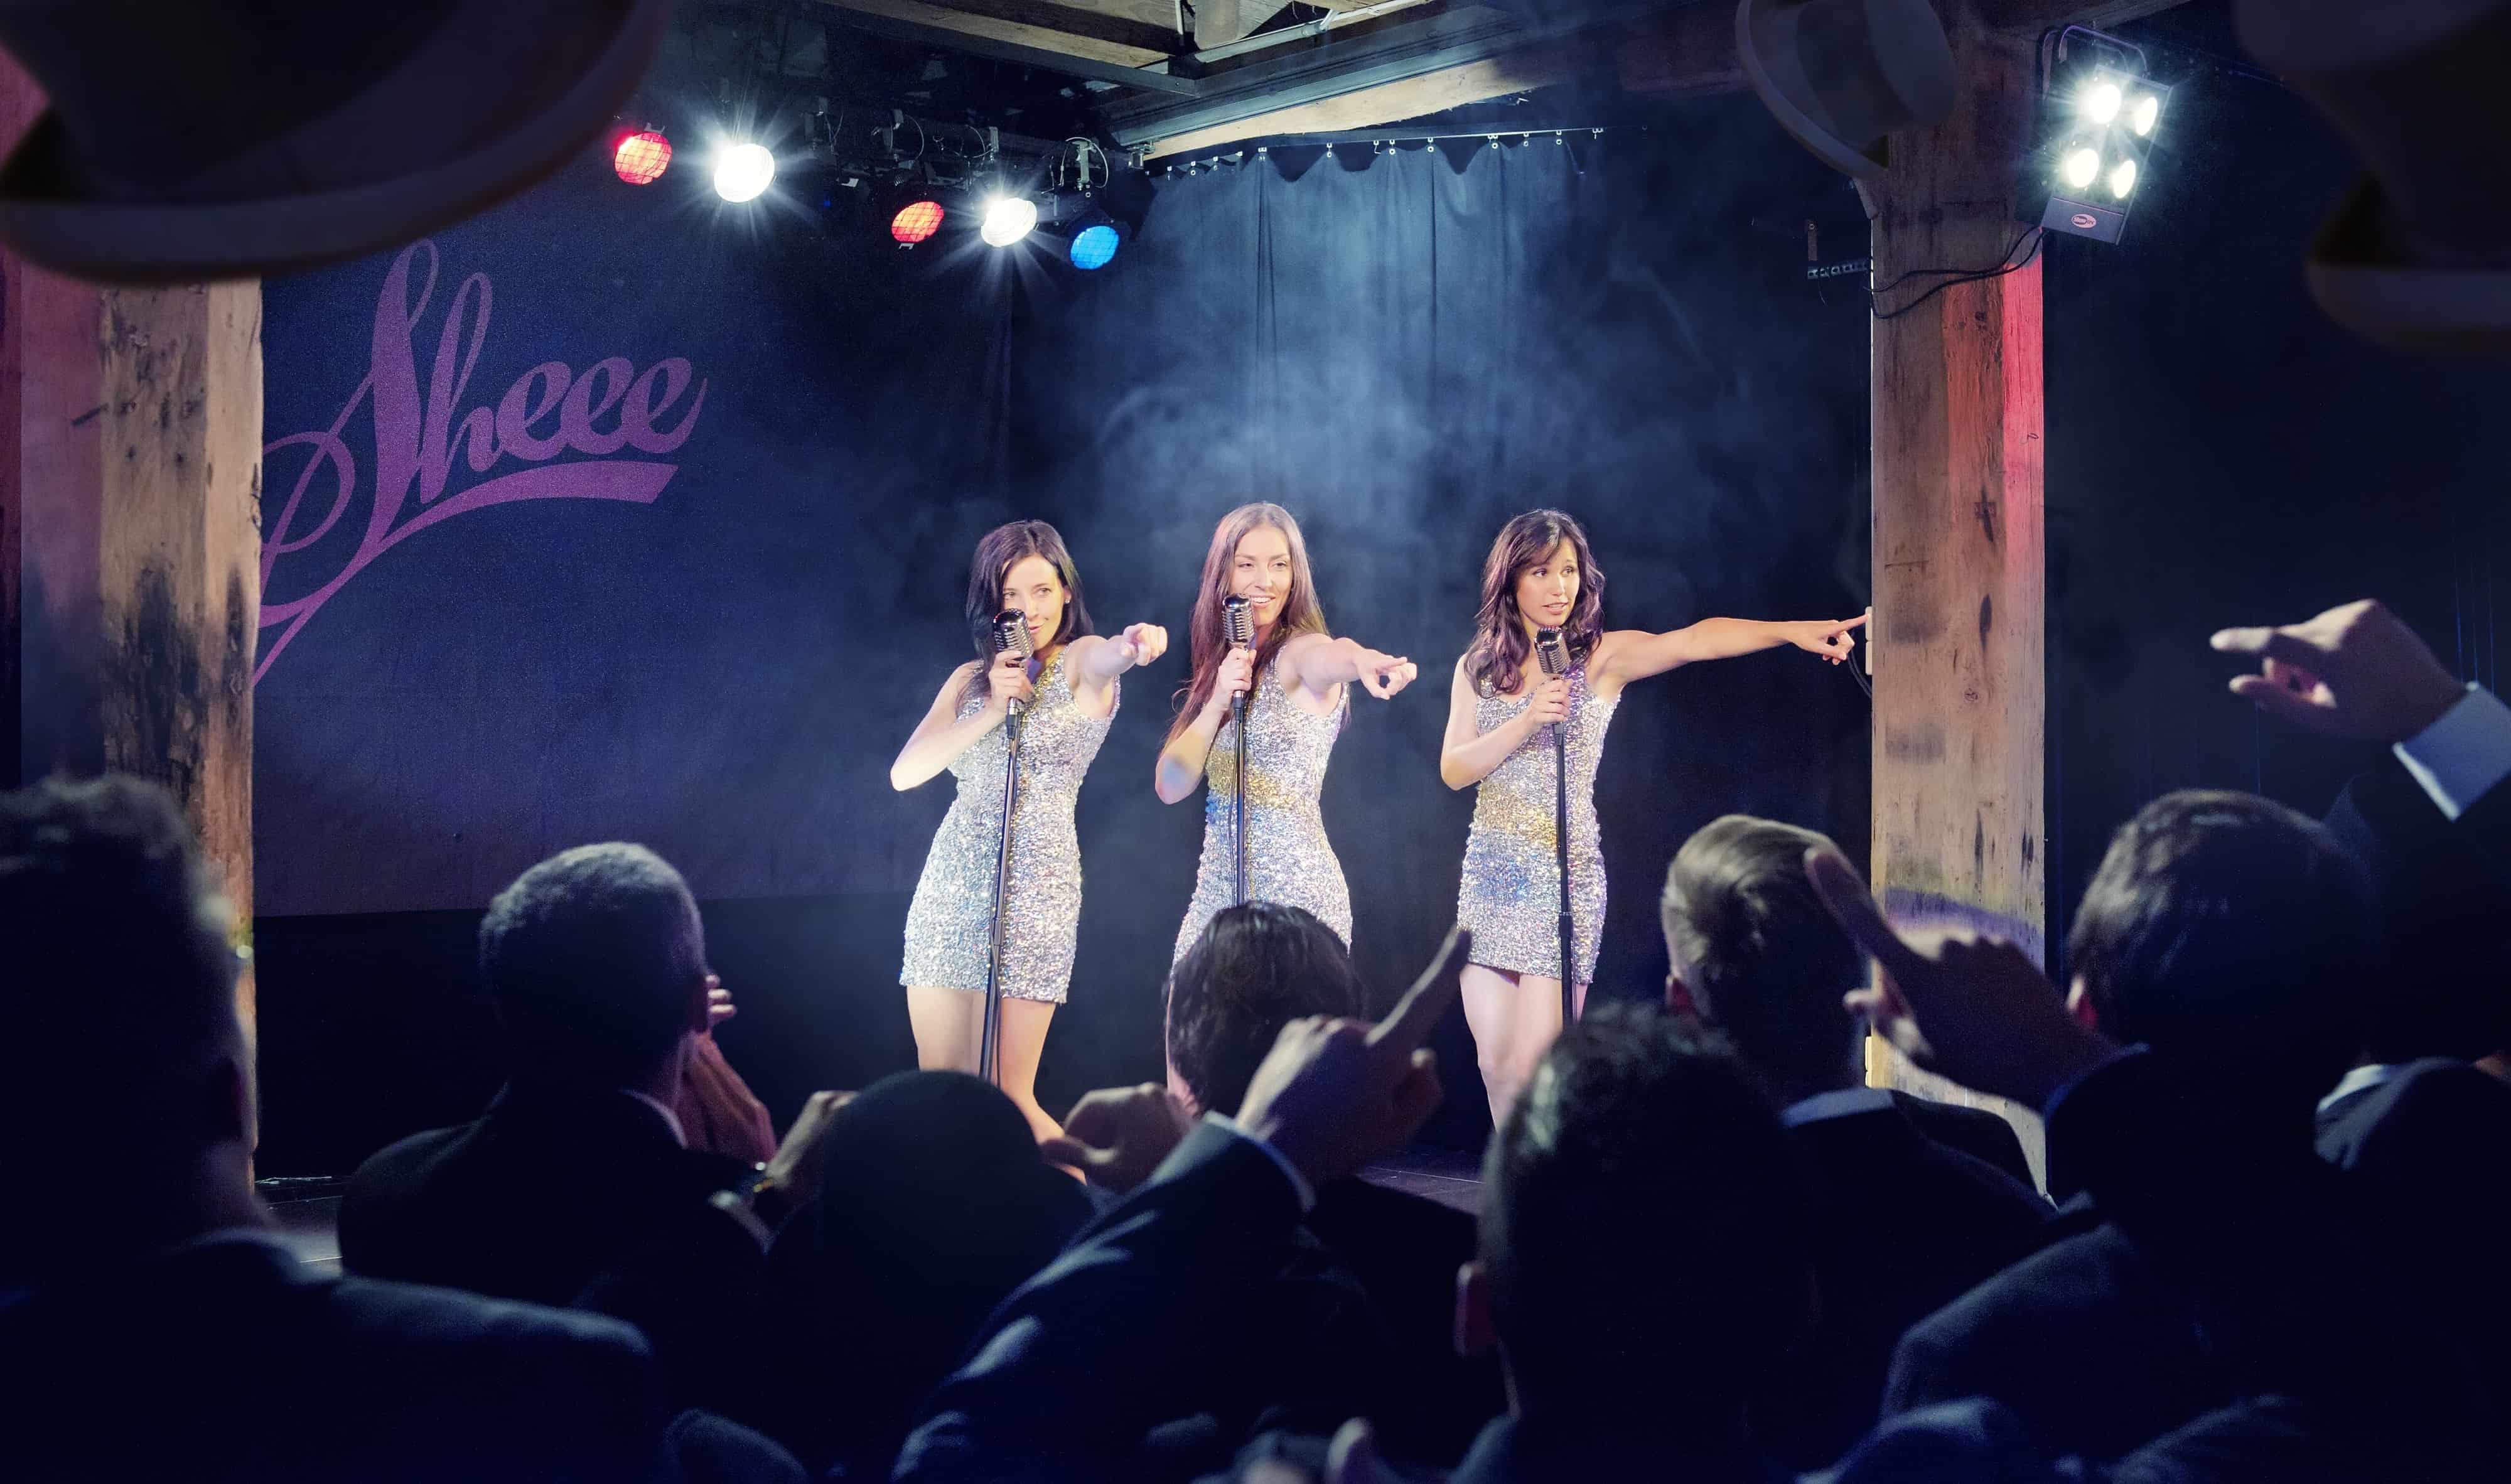 Liveband Sheee mit drei Sängerinnen. Professionelle Partyband und Coverband Schweiz.